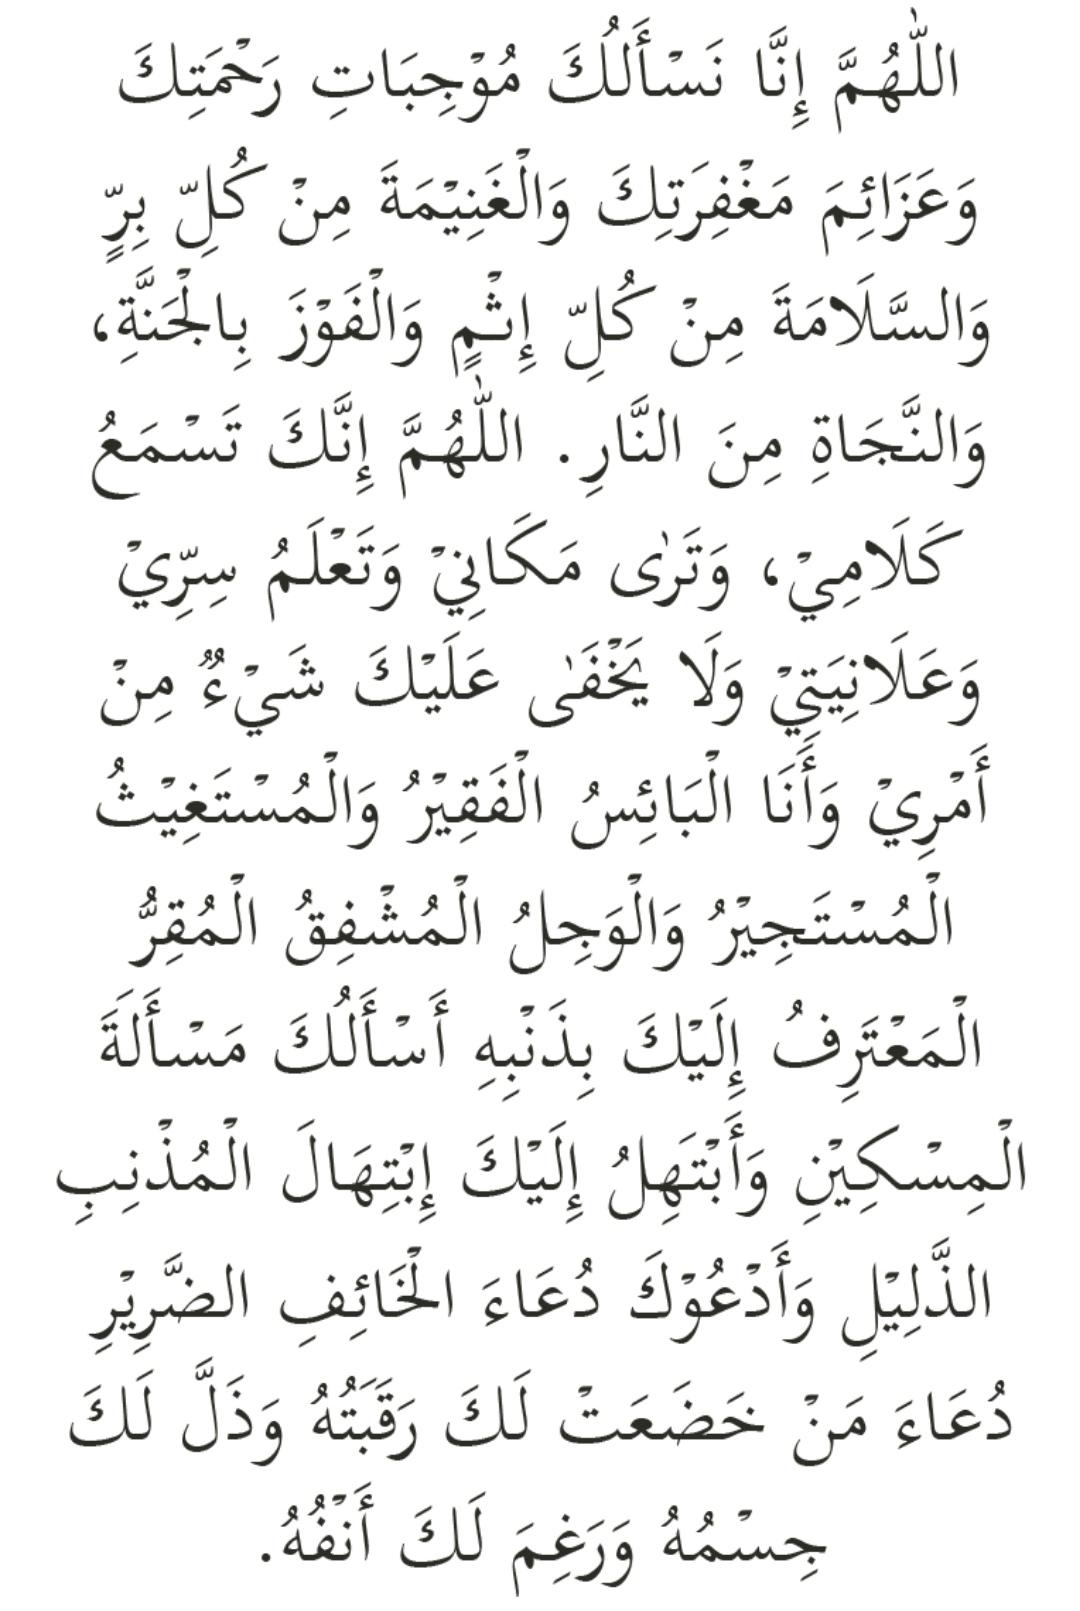 Sholat Taubat Dan Sholat Hajat : sholat, taubat, hajat, SOLAT, HAJAT, Berserta, (Panduan, Lengkap, Rumi)